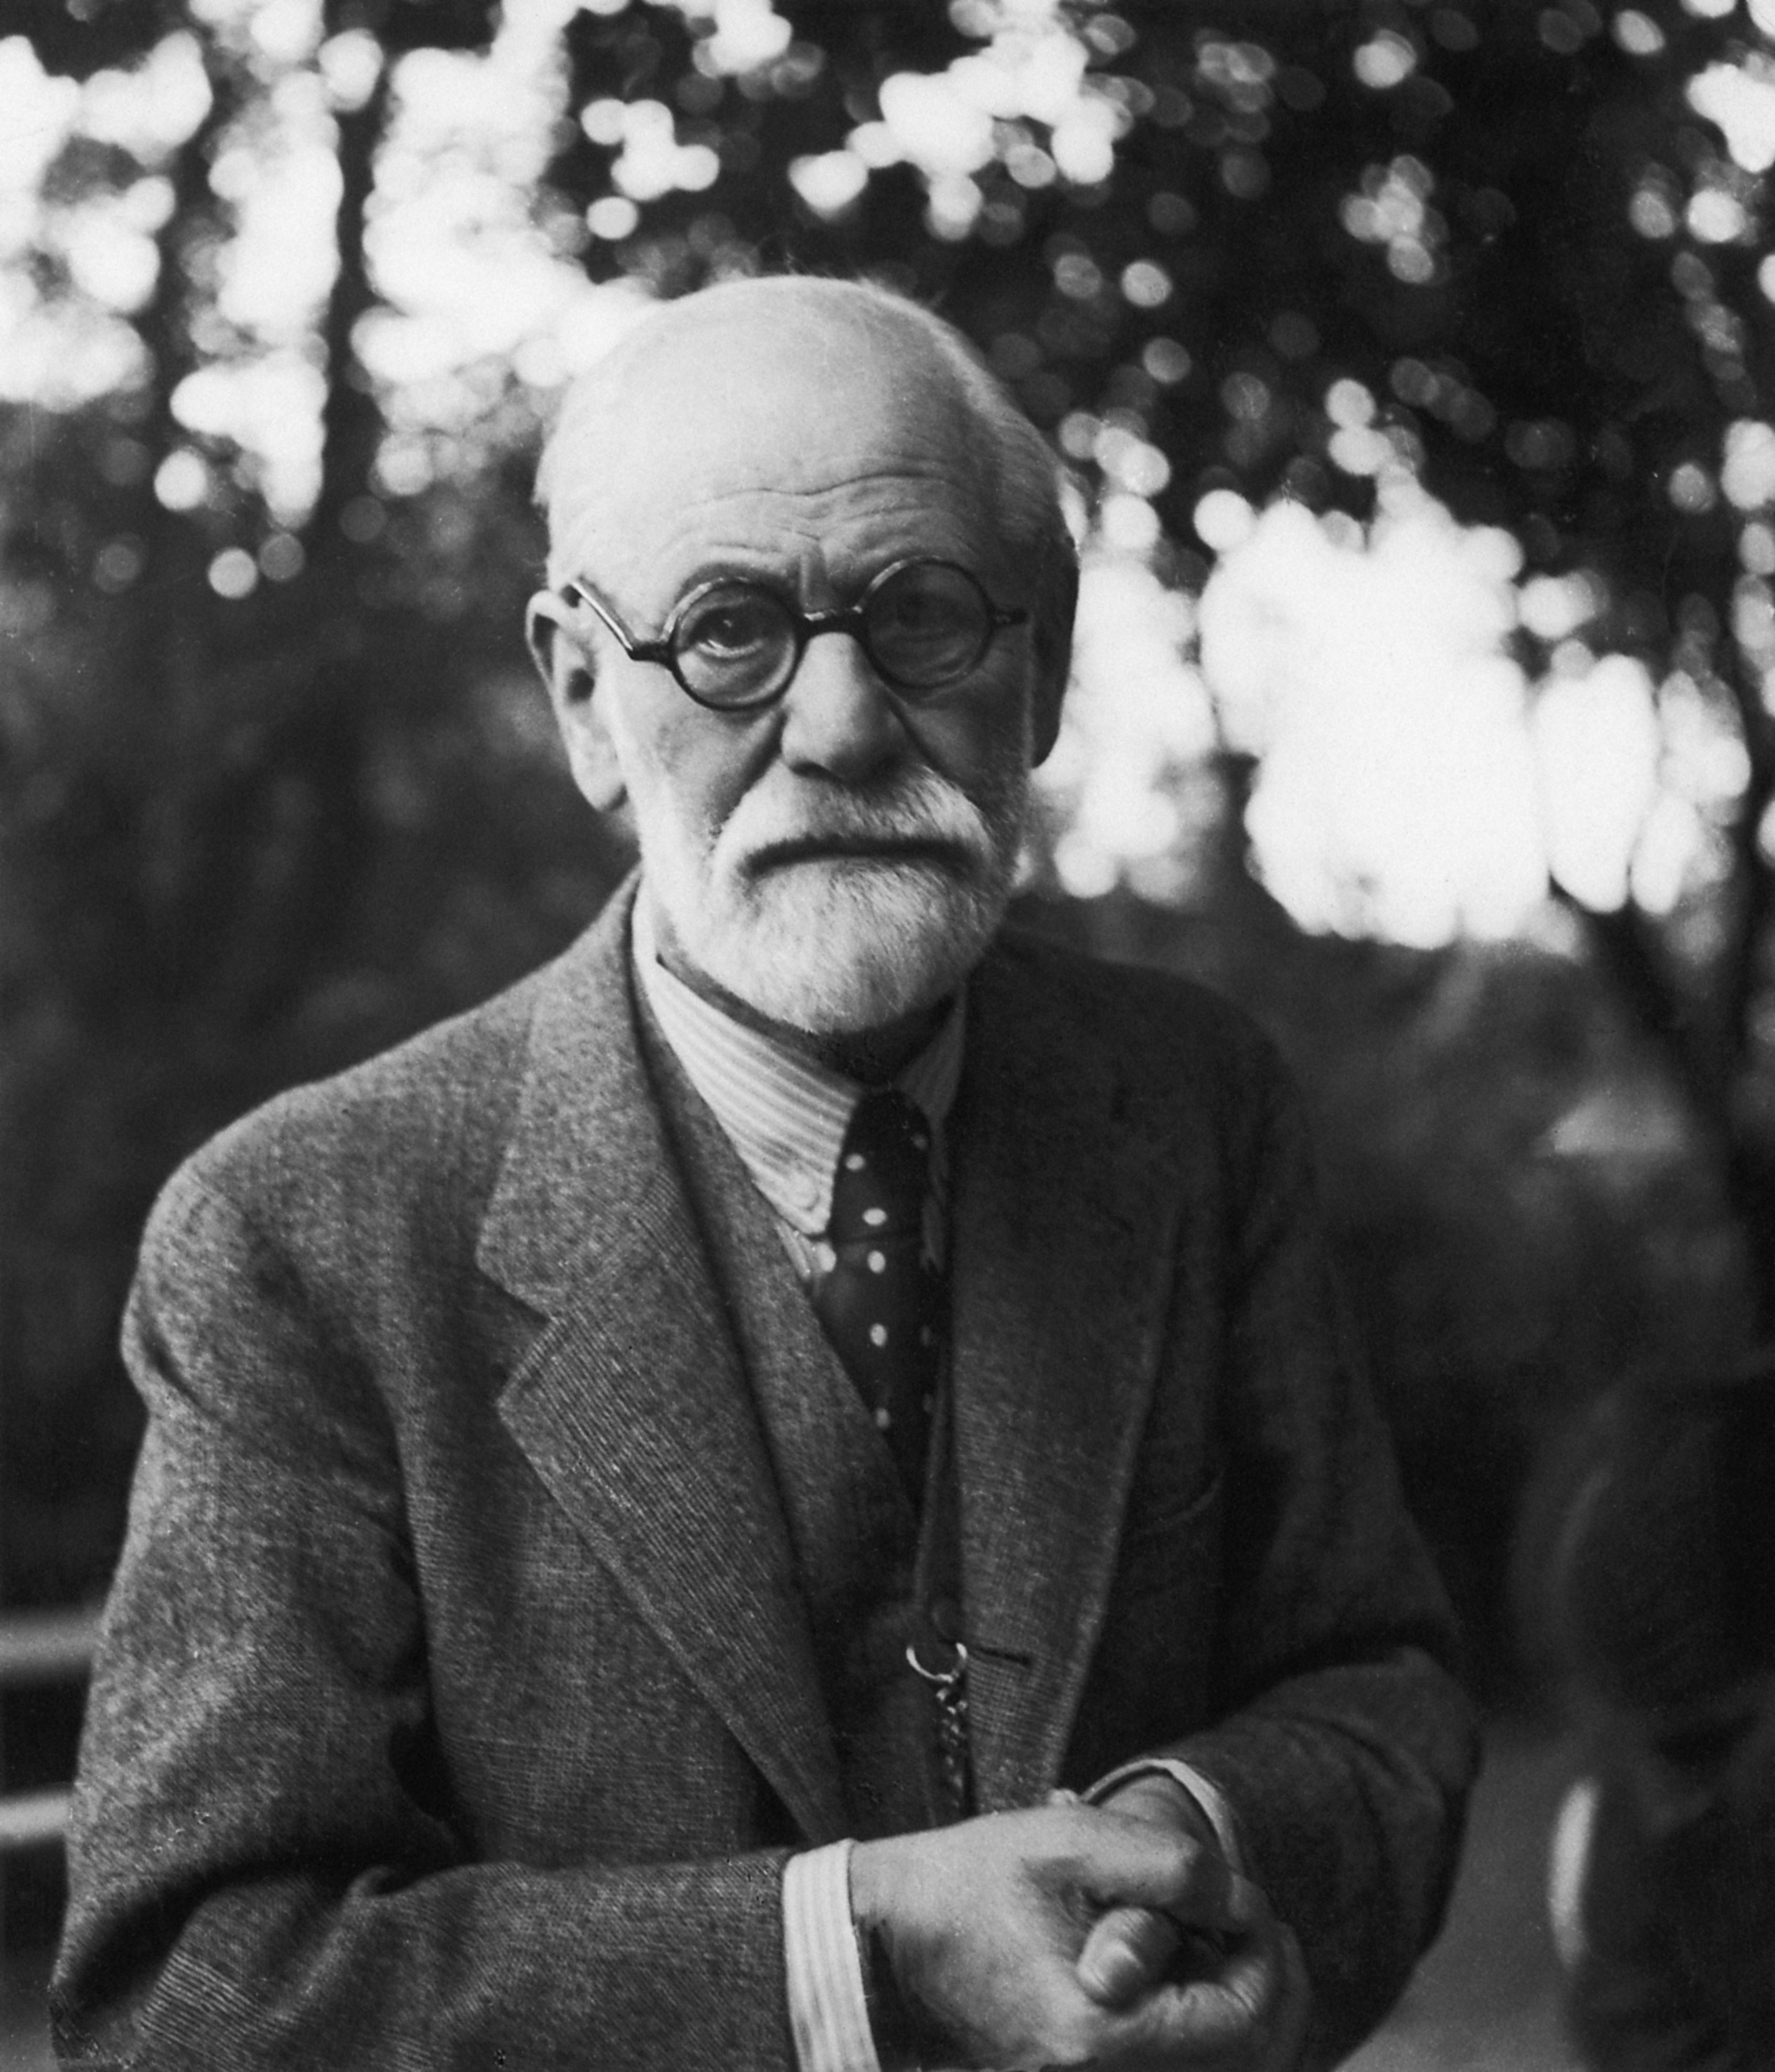 <p><strong>Зигмунд Фройд и кокаинът</strong></p>  <p>Зигмунд Фройд е известен като основател на психоанализата. По-малко известен е фактът, че като лекар в болницата във Виена той е изследвал и въздействието на кокаина. От публикувани негови писма става ясно, че самият Фройд дълго време е консумирал кокаин.</p>